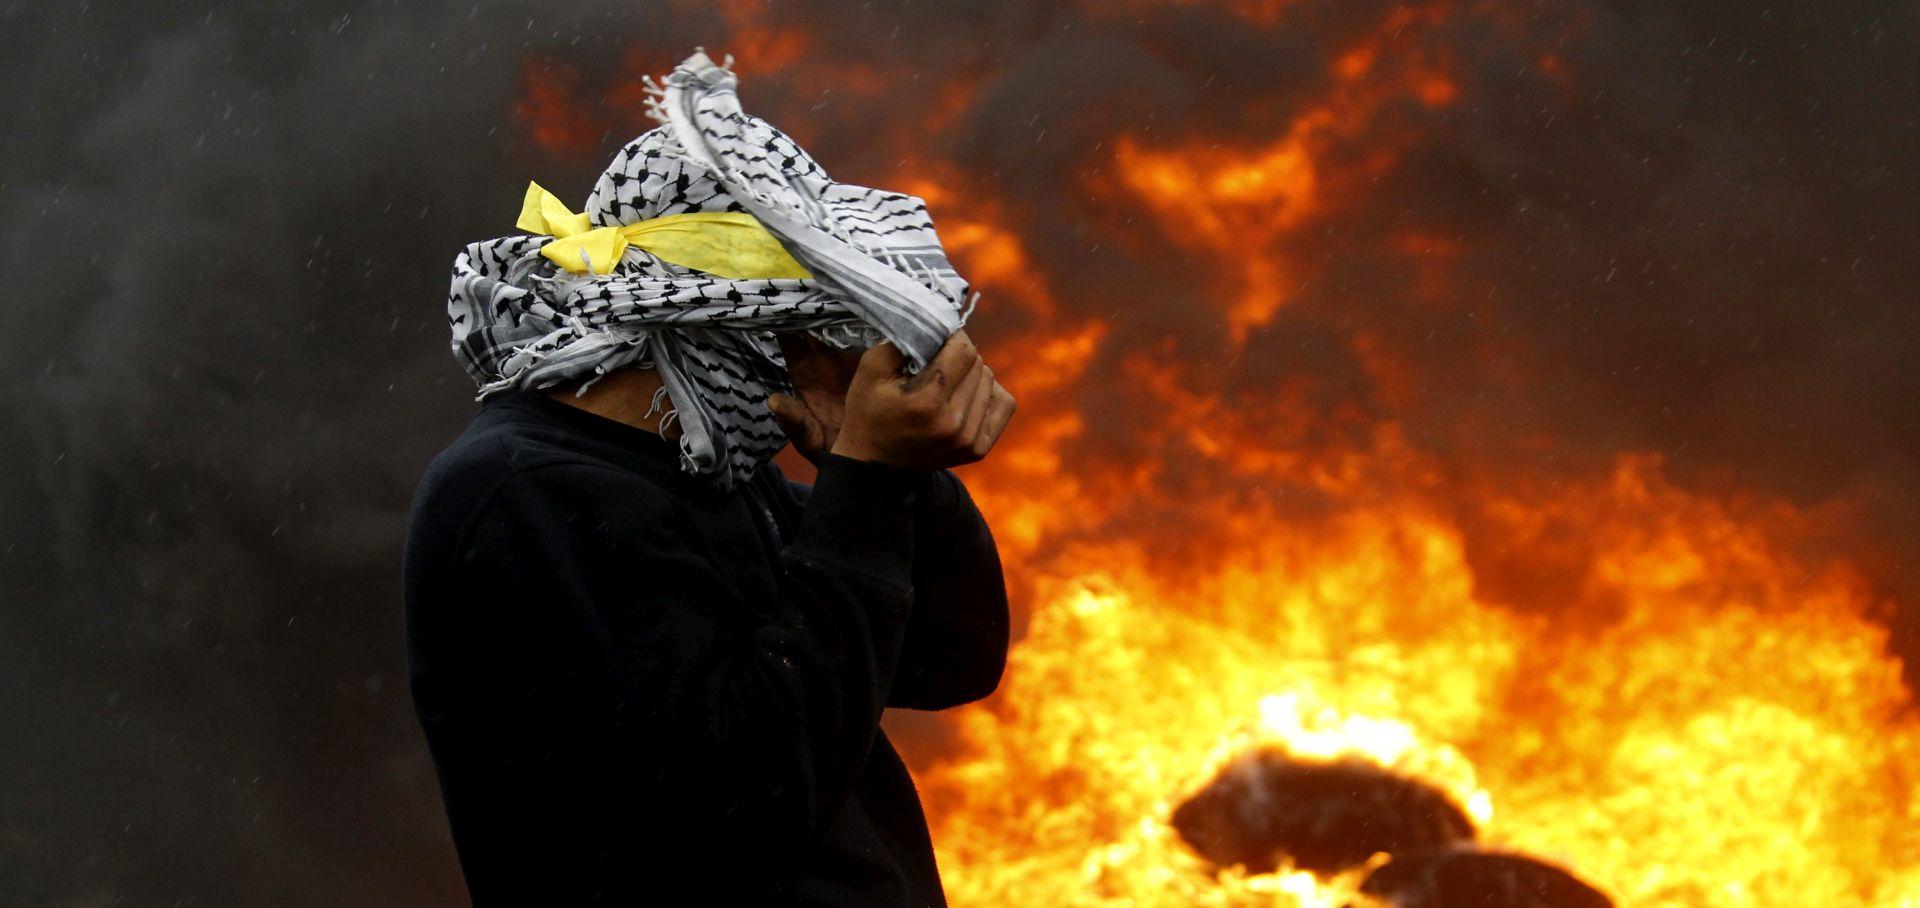 Spaljivanje palestinskog mladića: Optužba traži doživotni zatvor za počinitelje